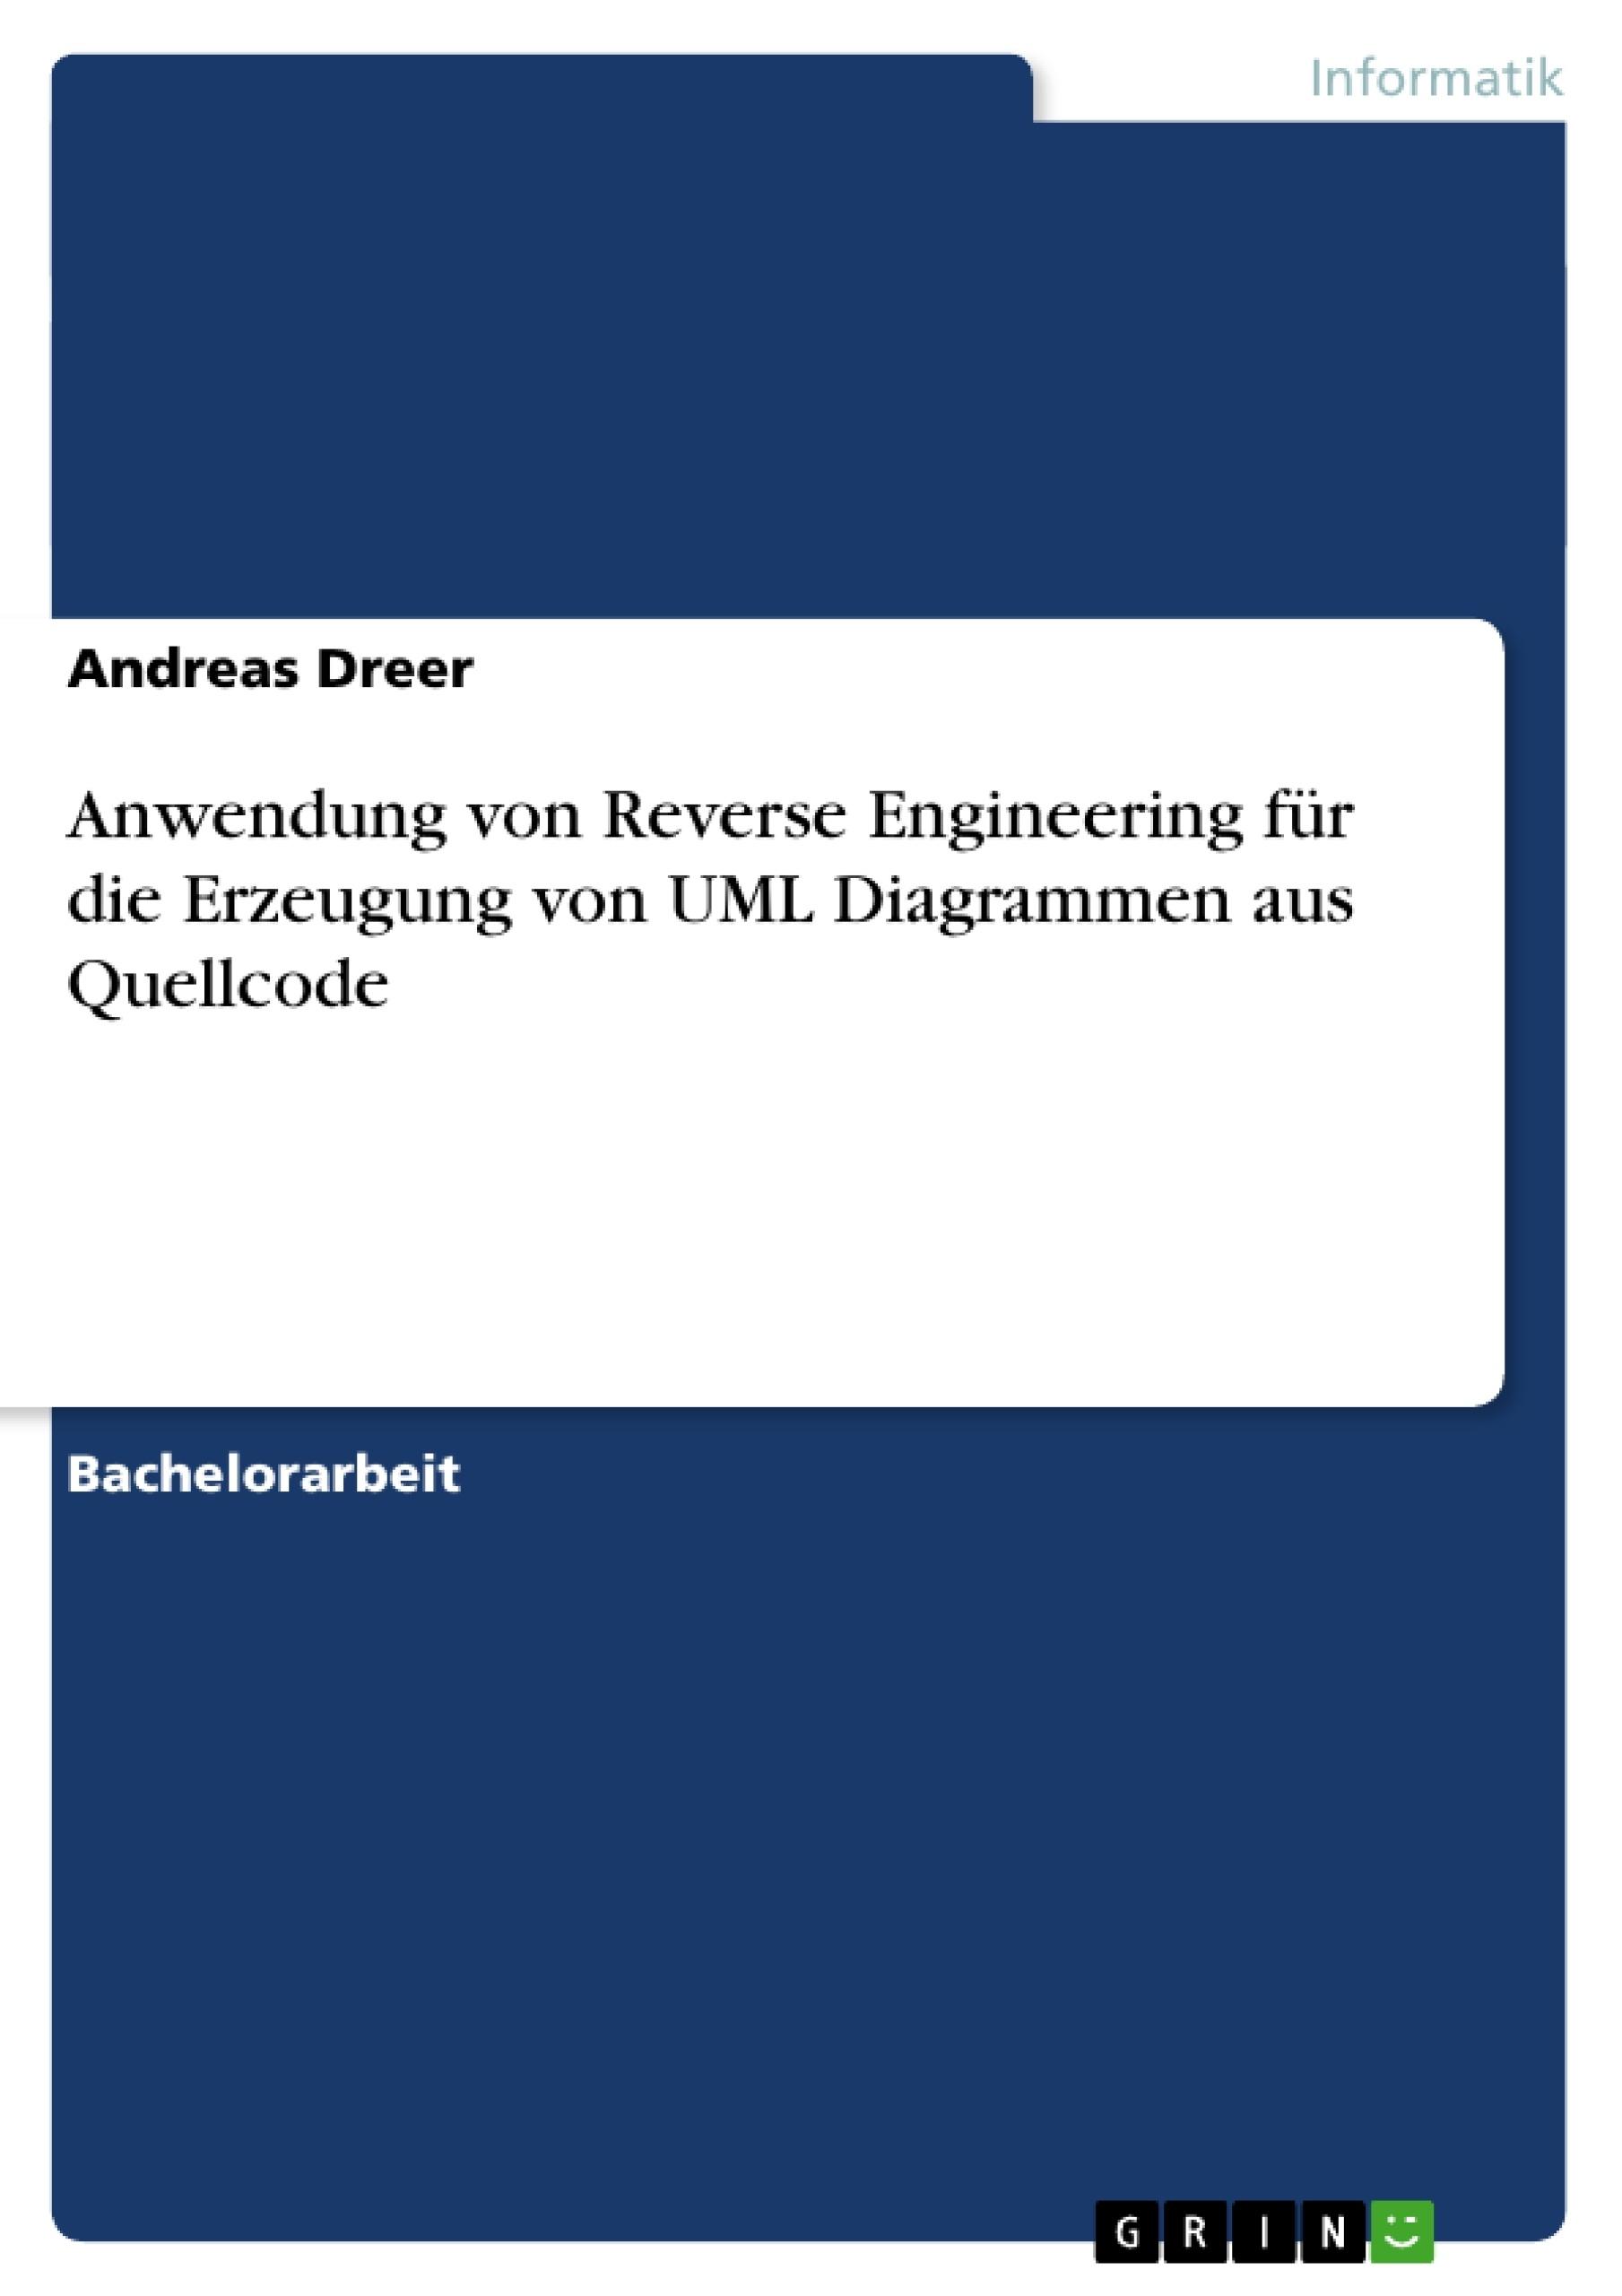 Titel: Anwendung von Reverse Engineering für die Erzeugung von UML Diagrammen aus Quellcode